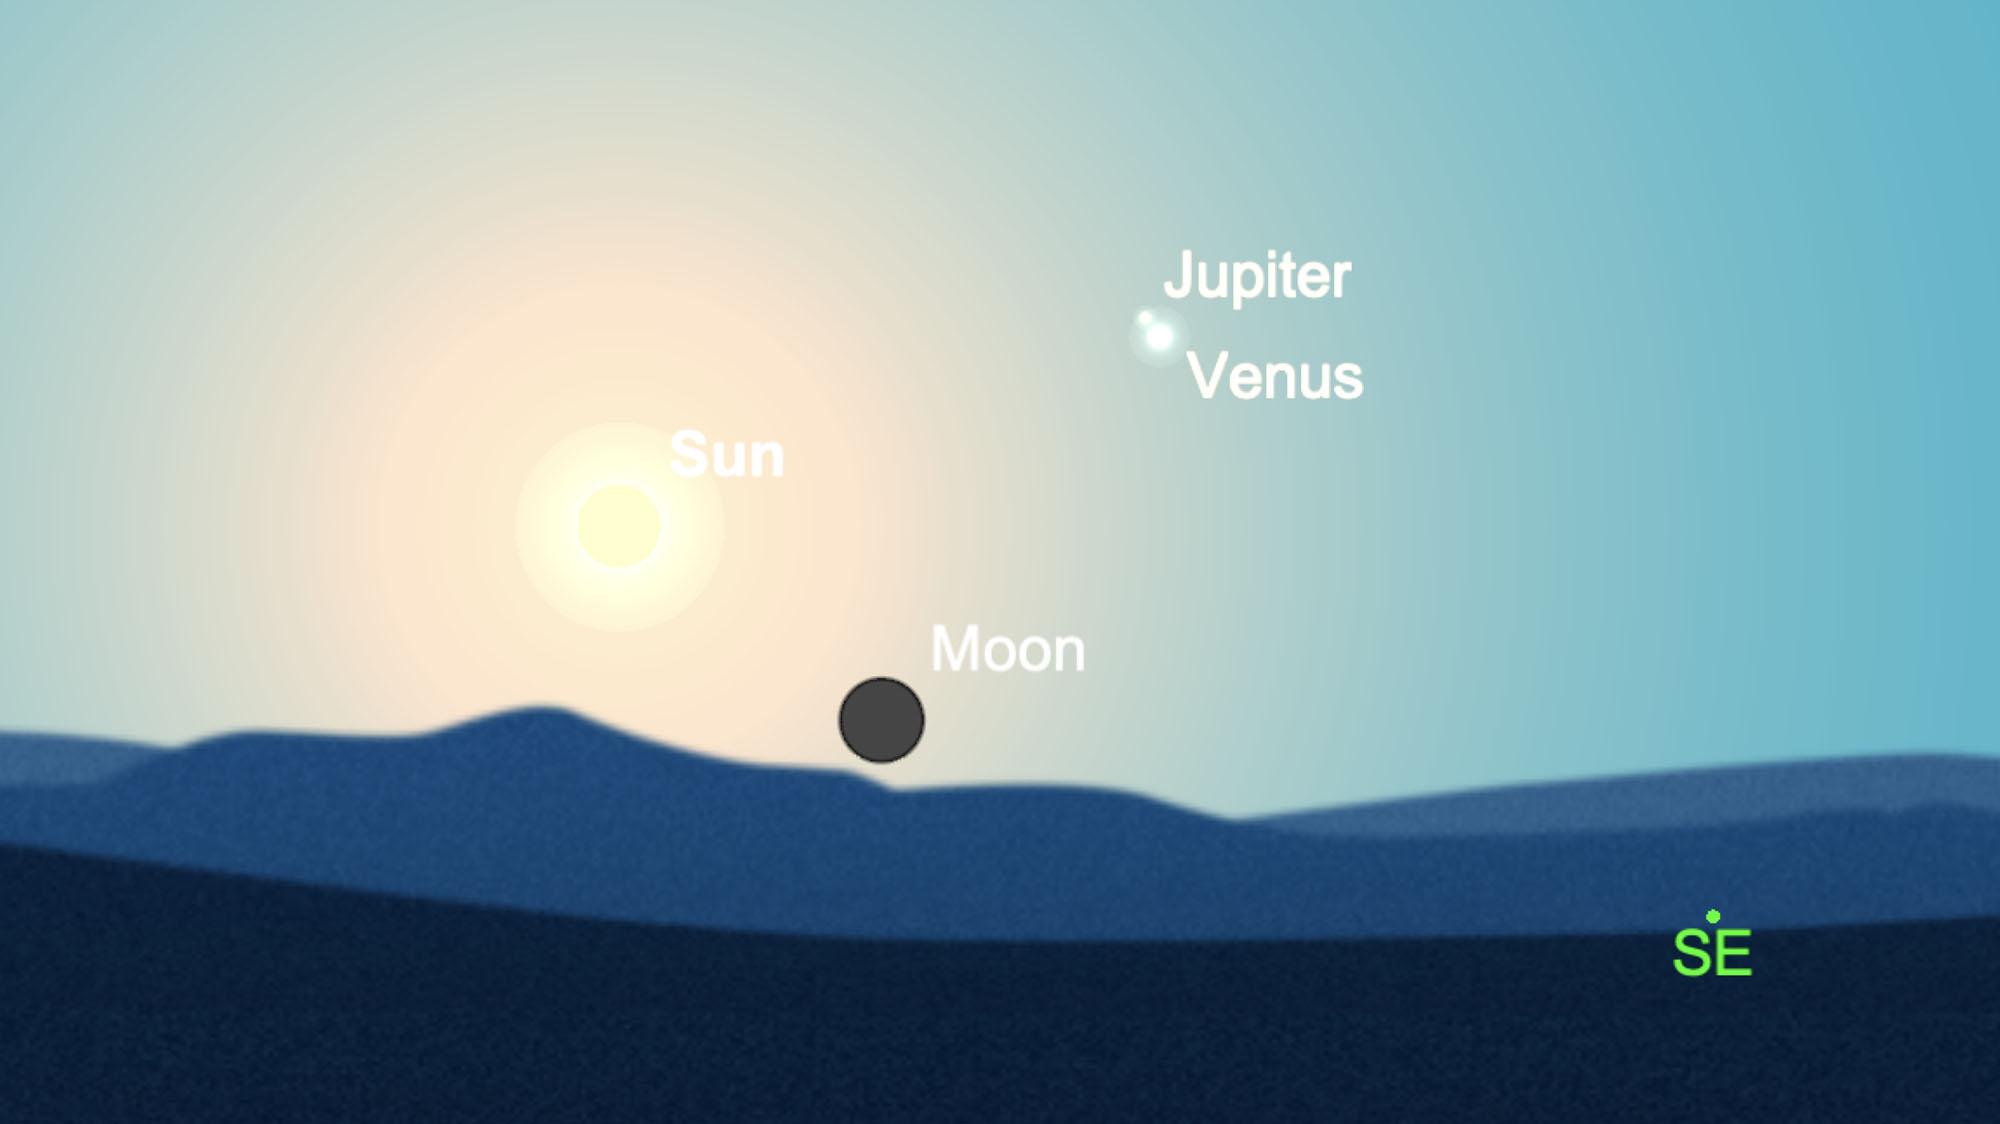 Cette carte du ciel montre Vénus près de Jupiter peu de temps après le lever de la nouvelle lune le matin du 11 février 2021.